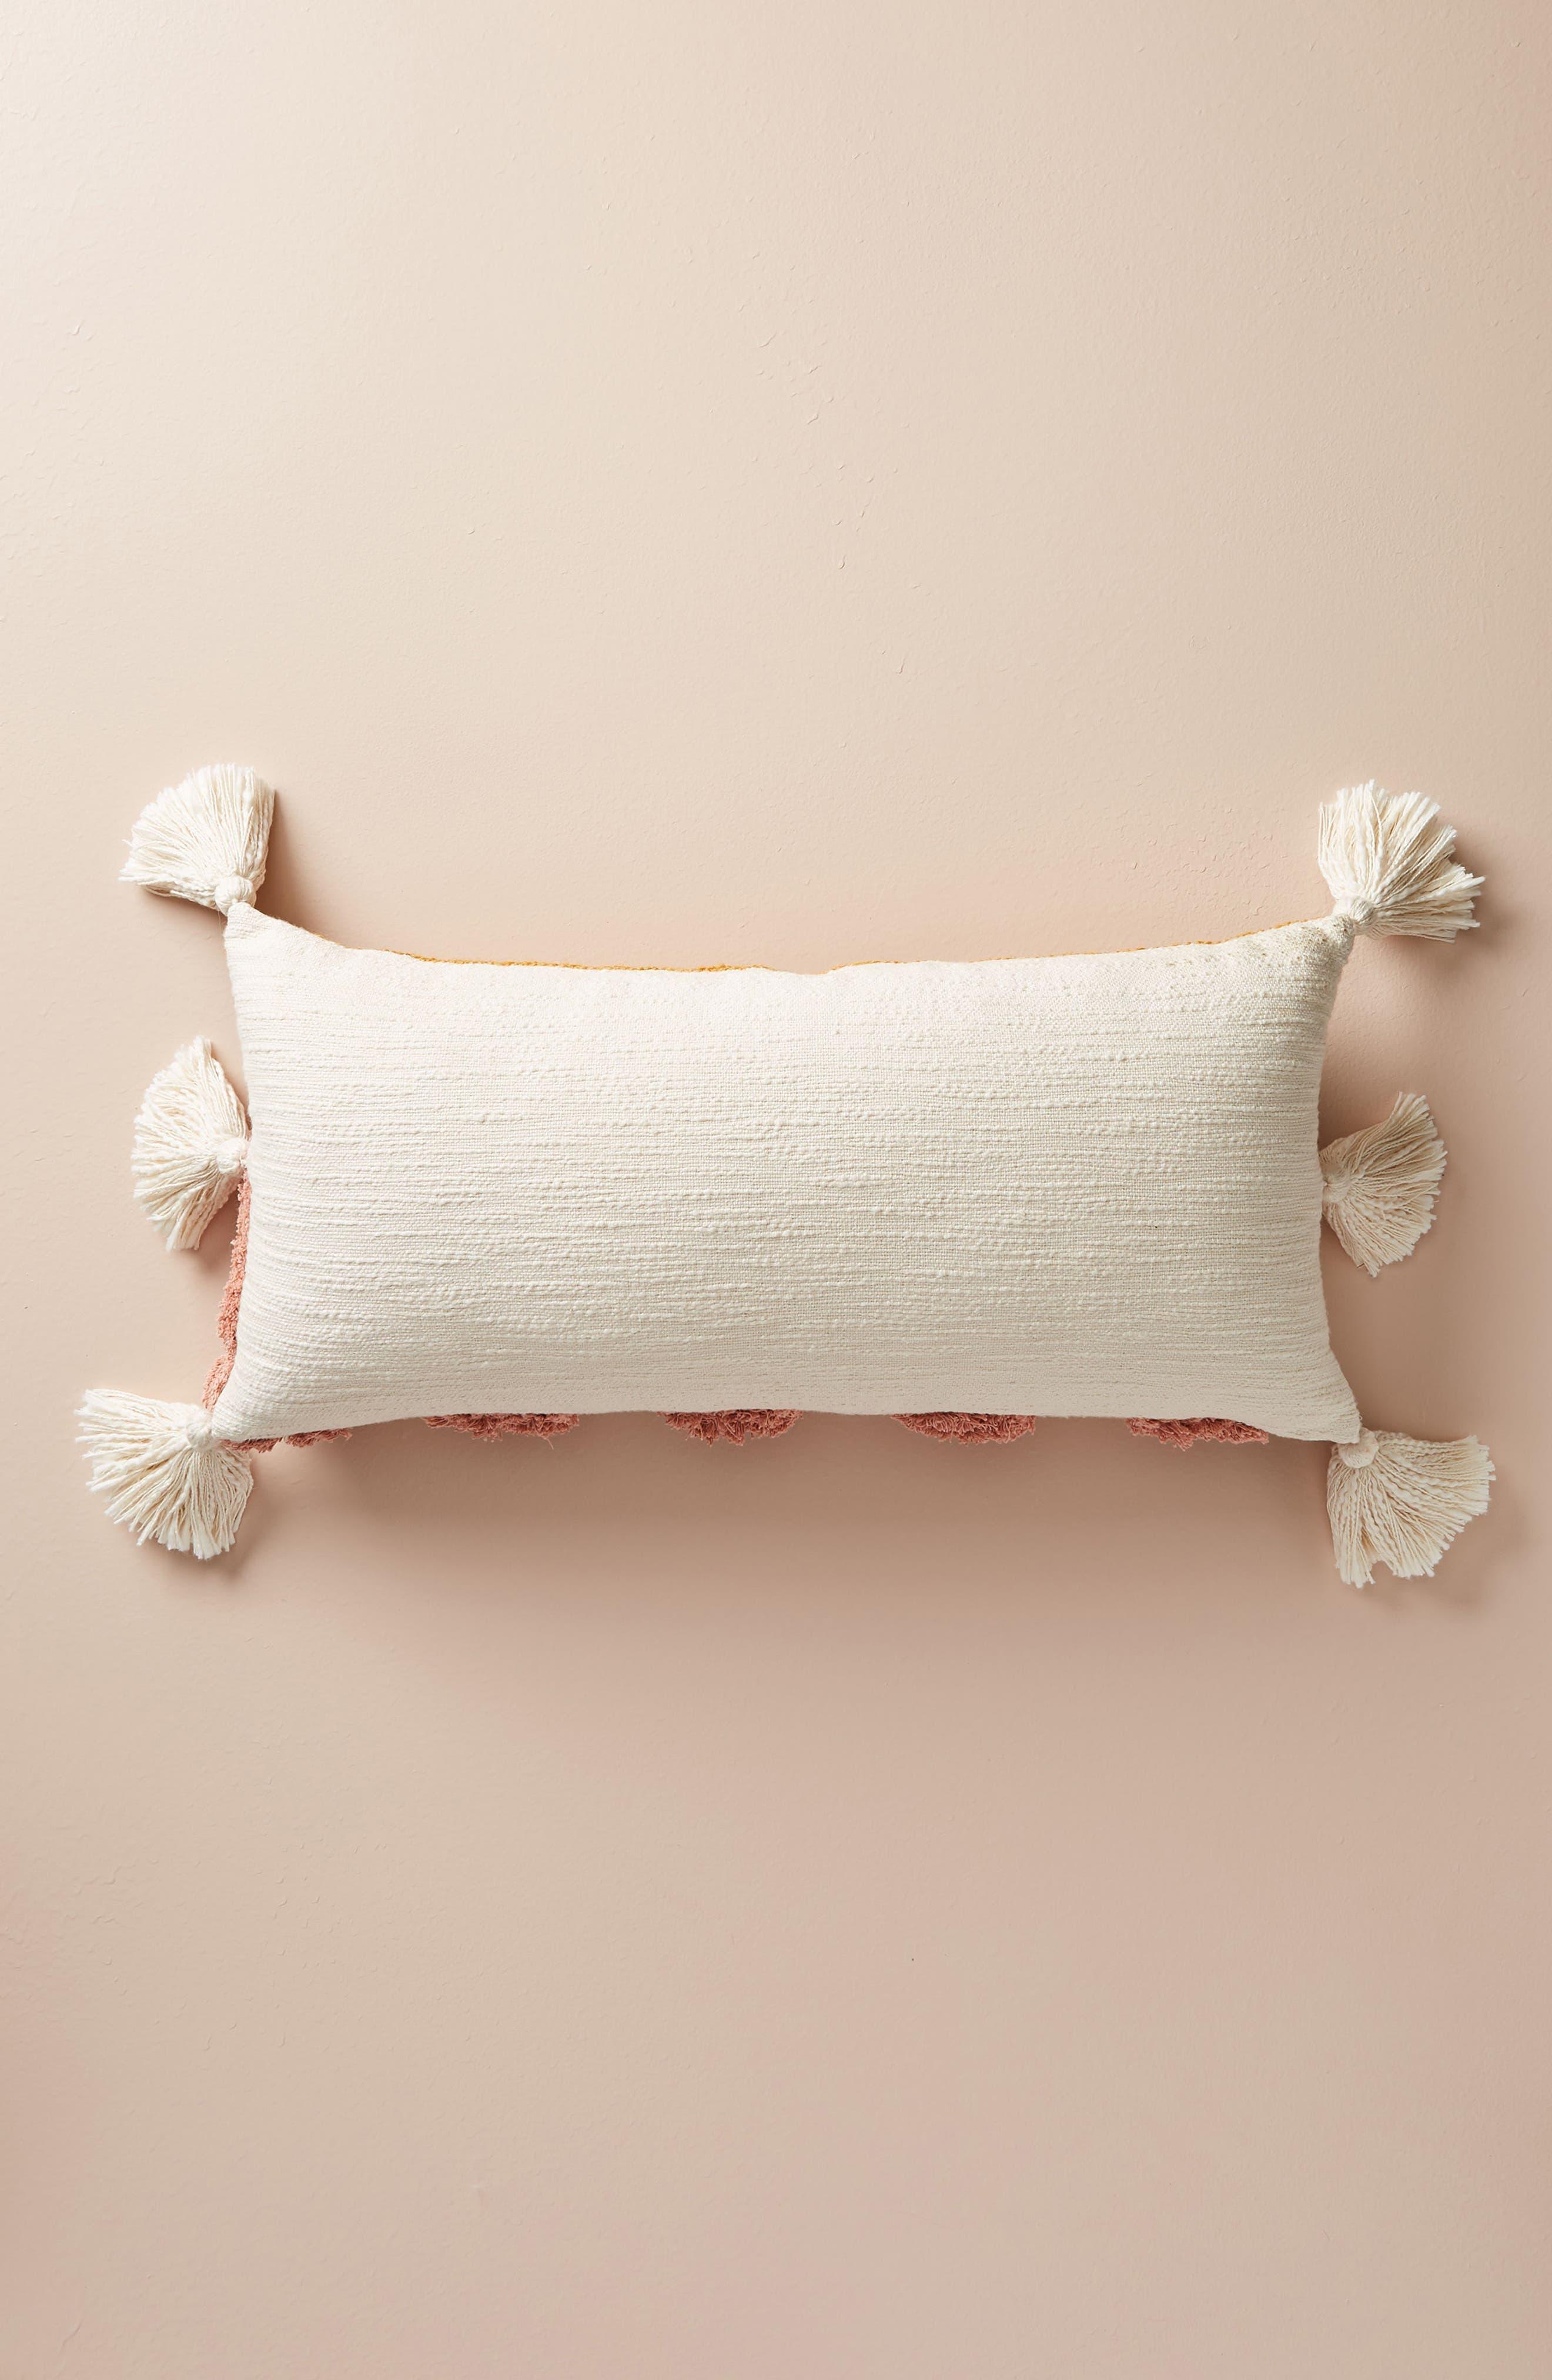 Rayas Lumbar Accent Pillow,                             Alternate thumbnail 2, color,                             600